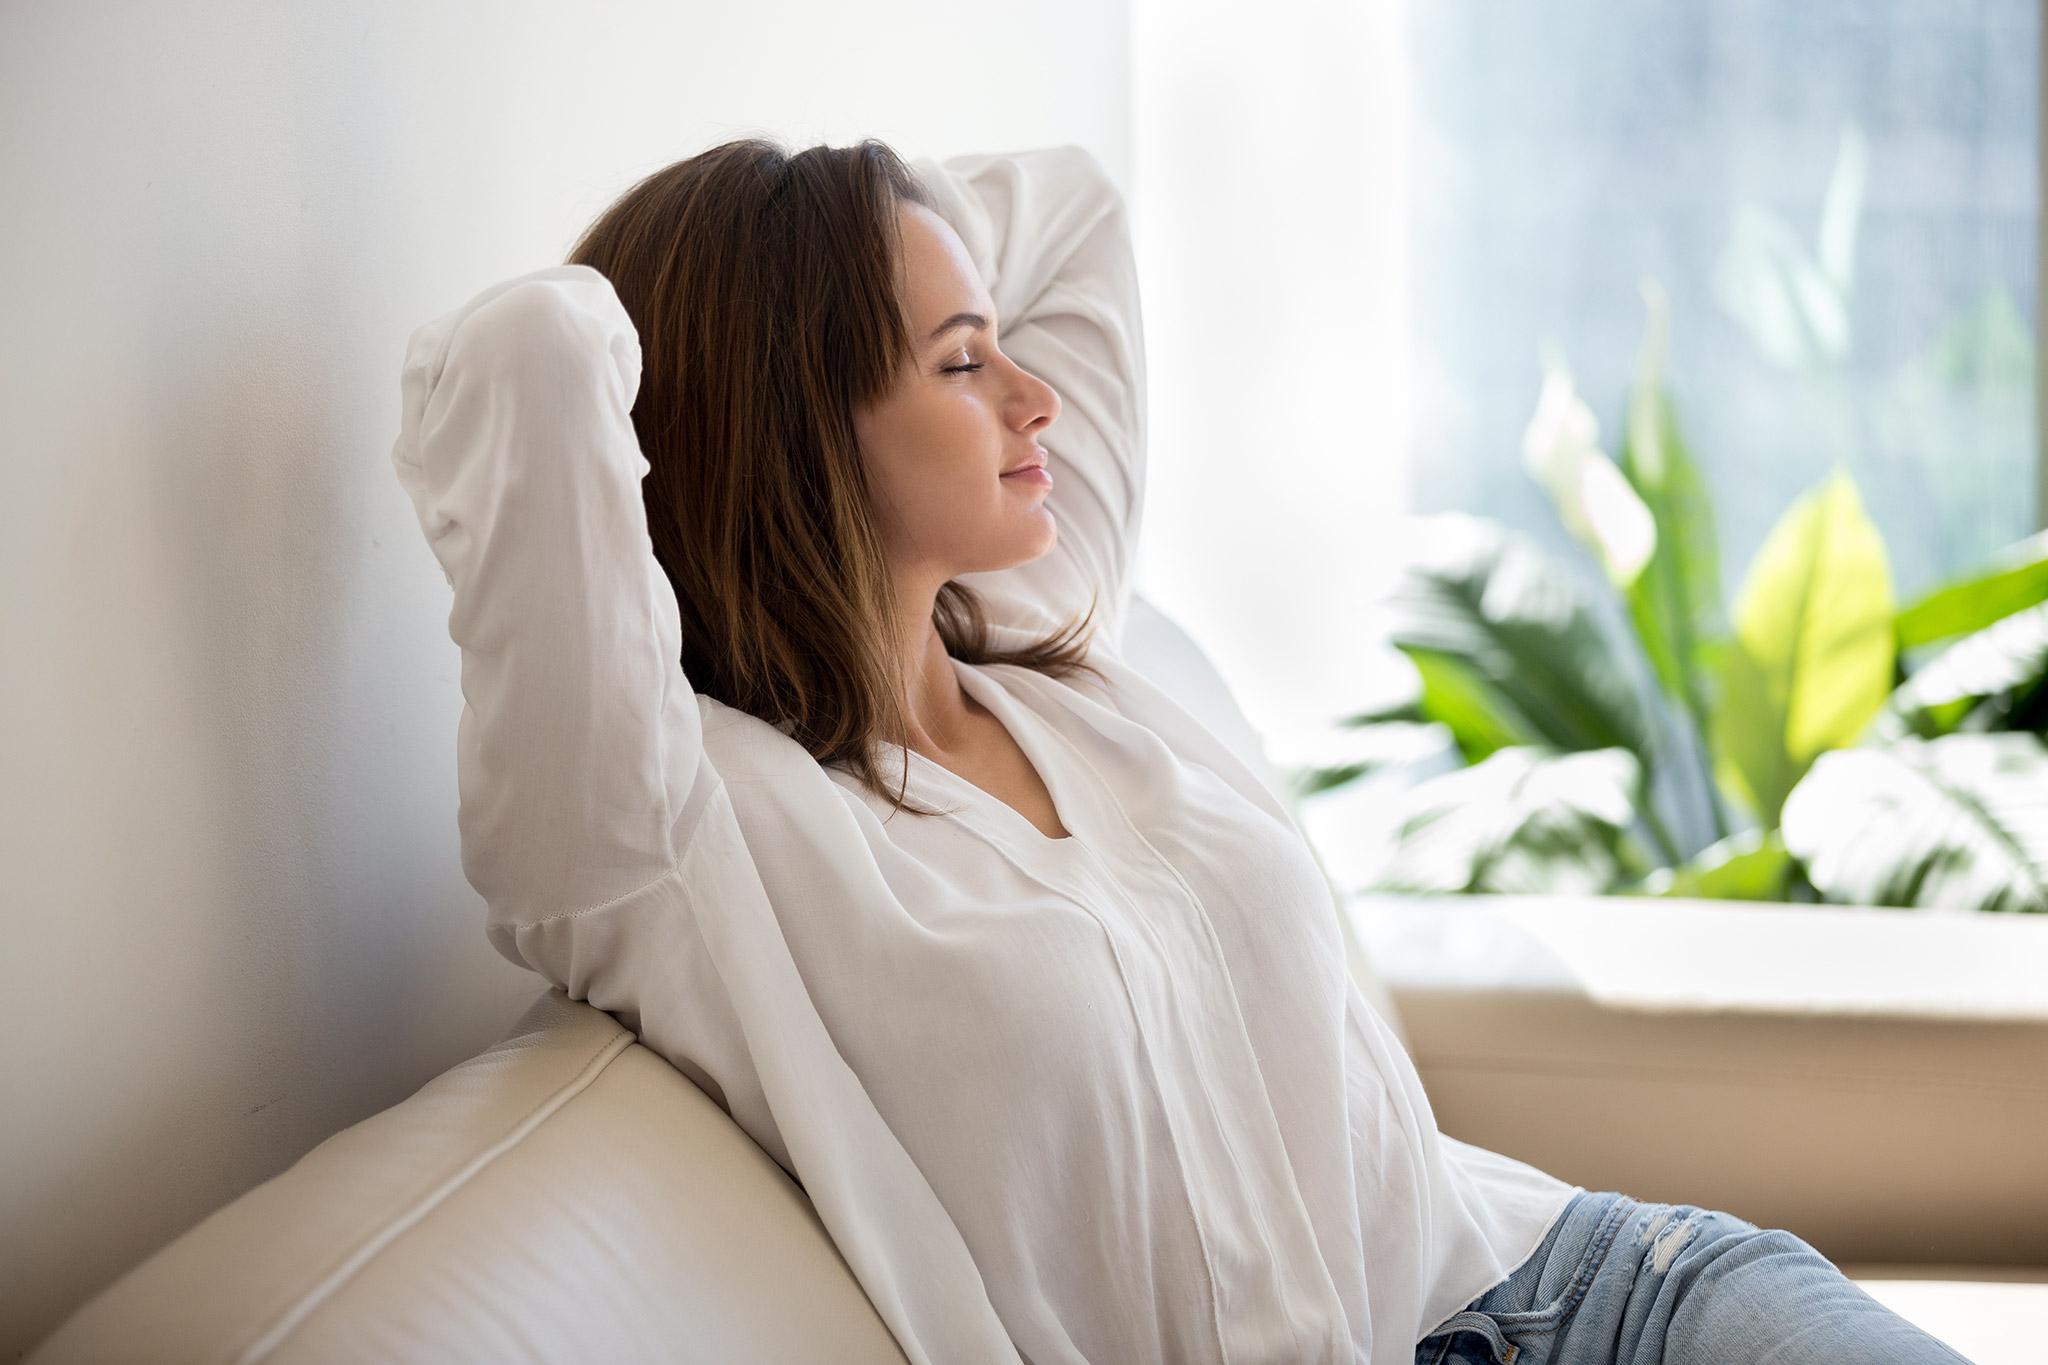 Air Mavericks Woman Breathing Fresh Air